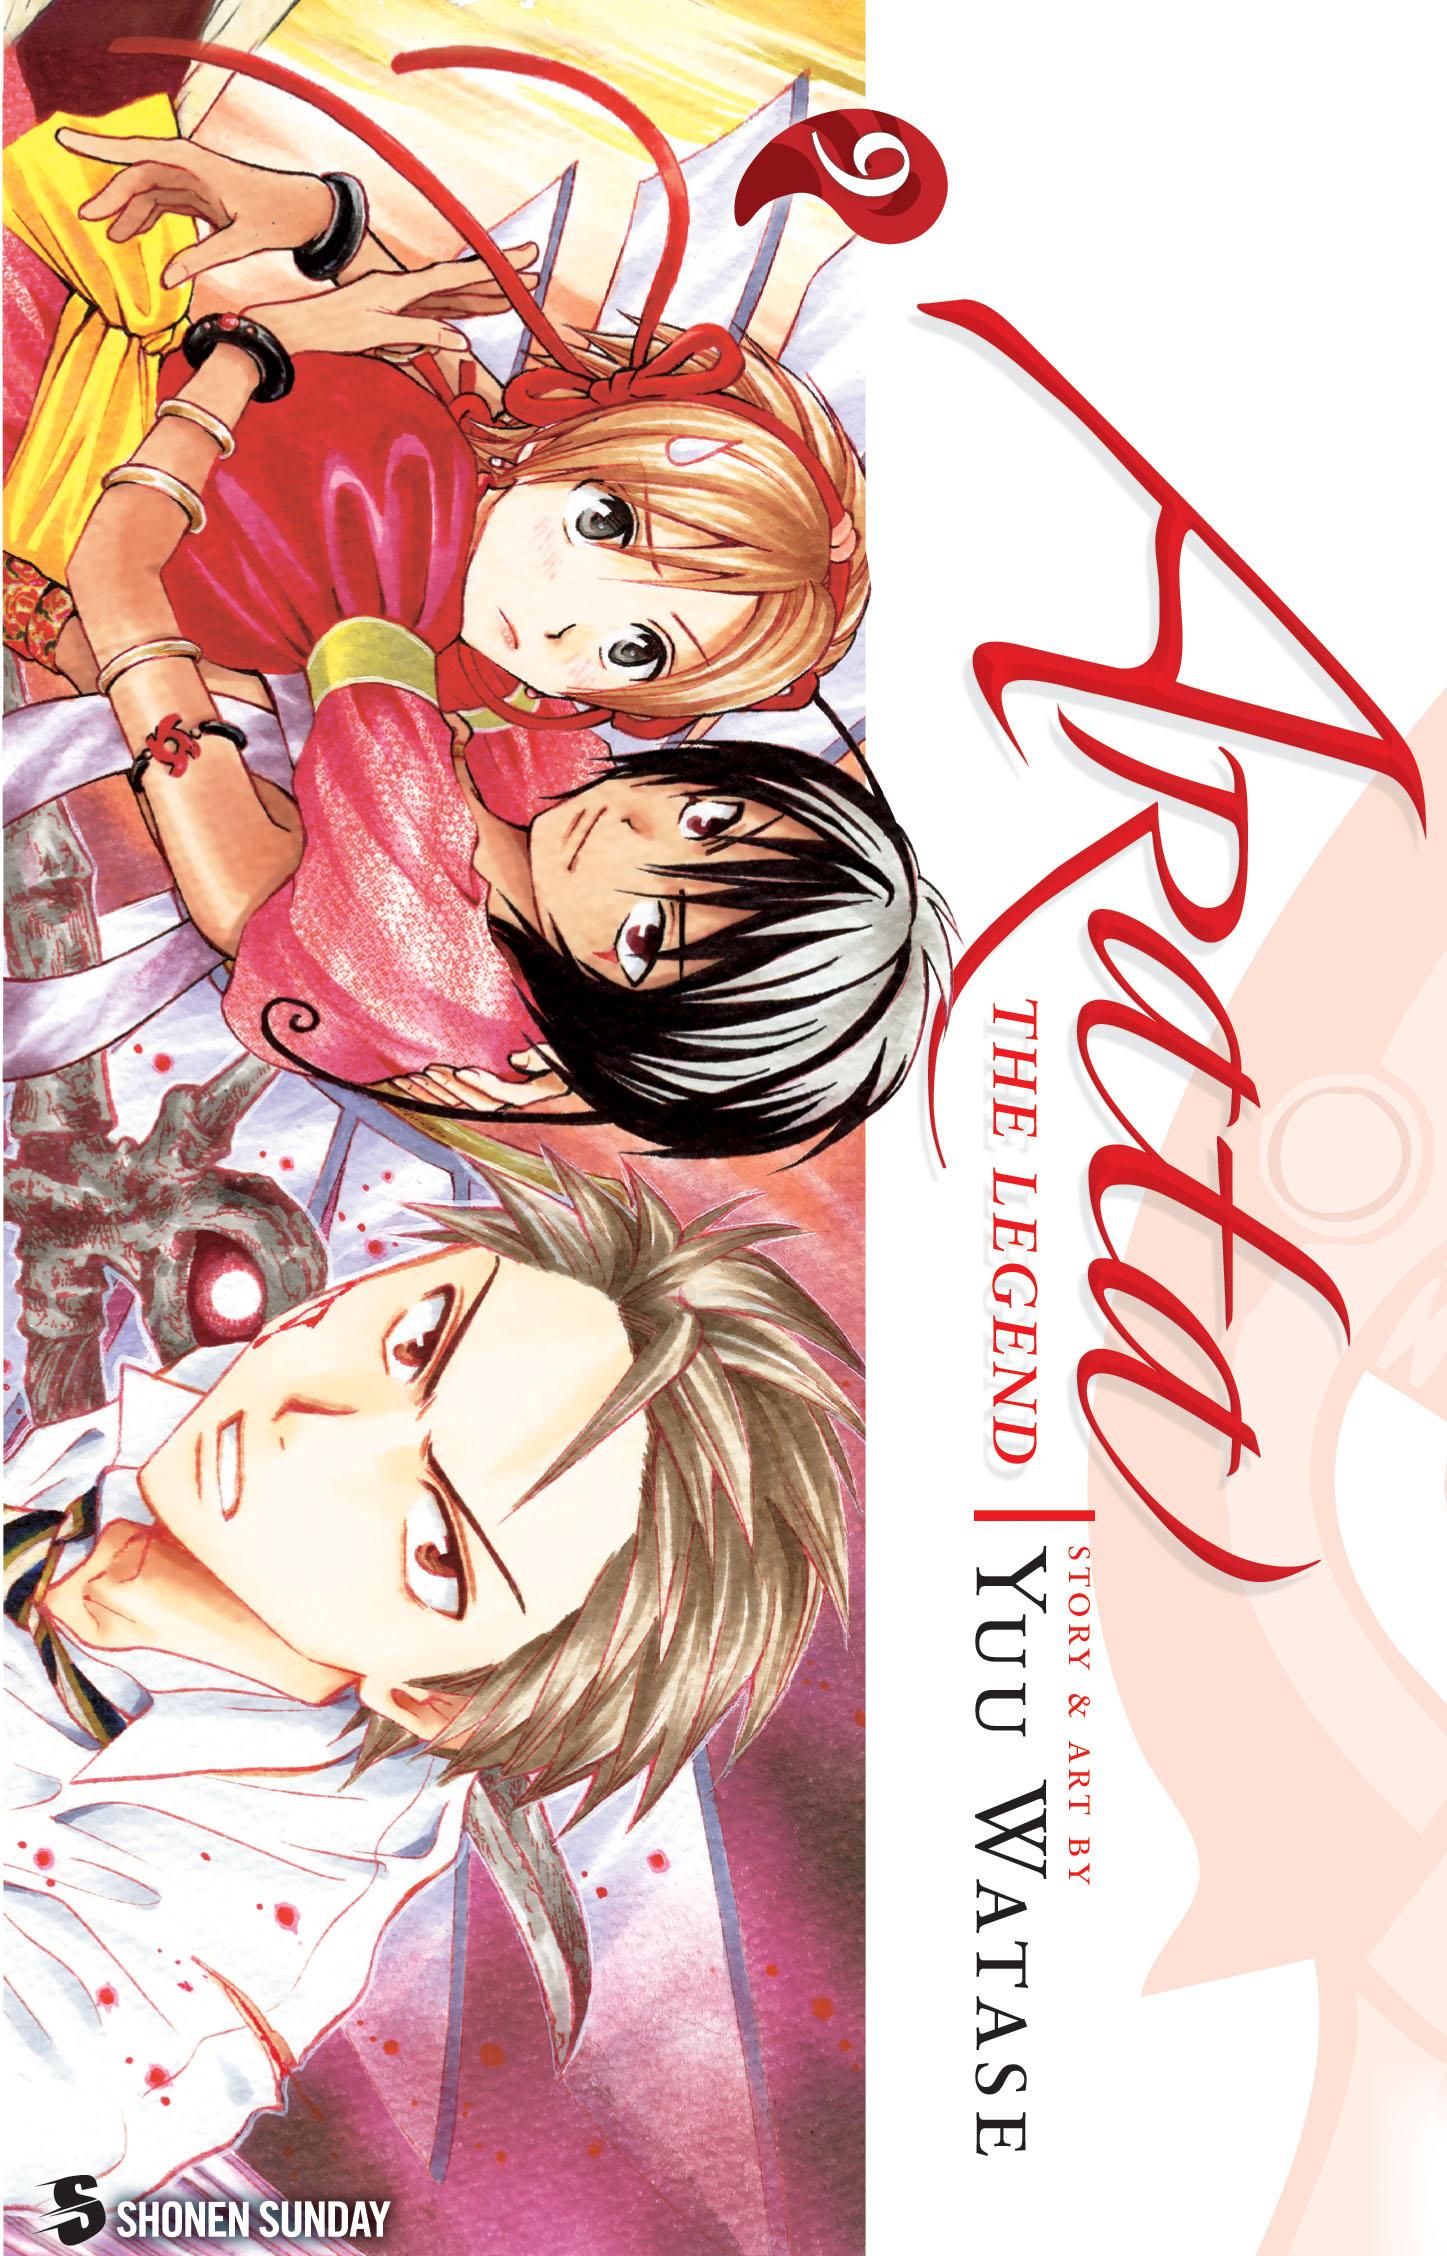 Manga & Anime Favorites